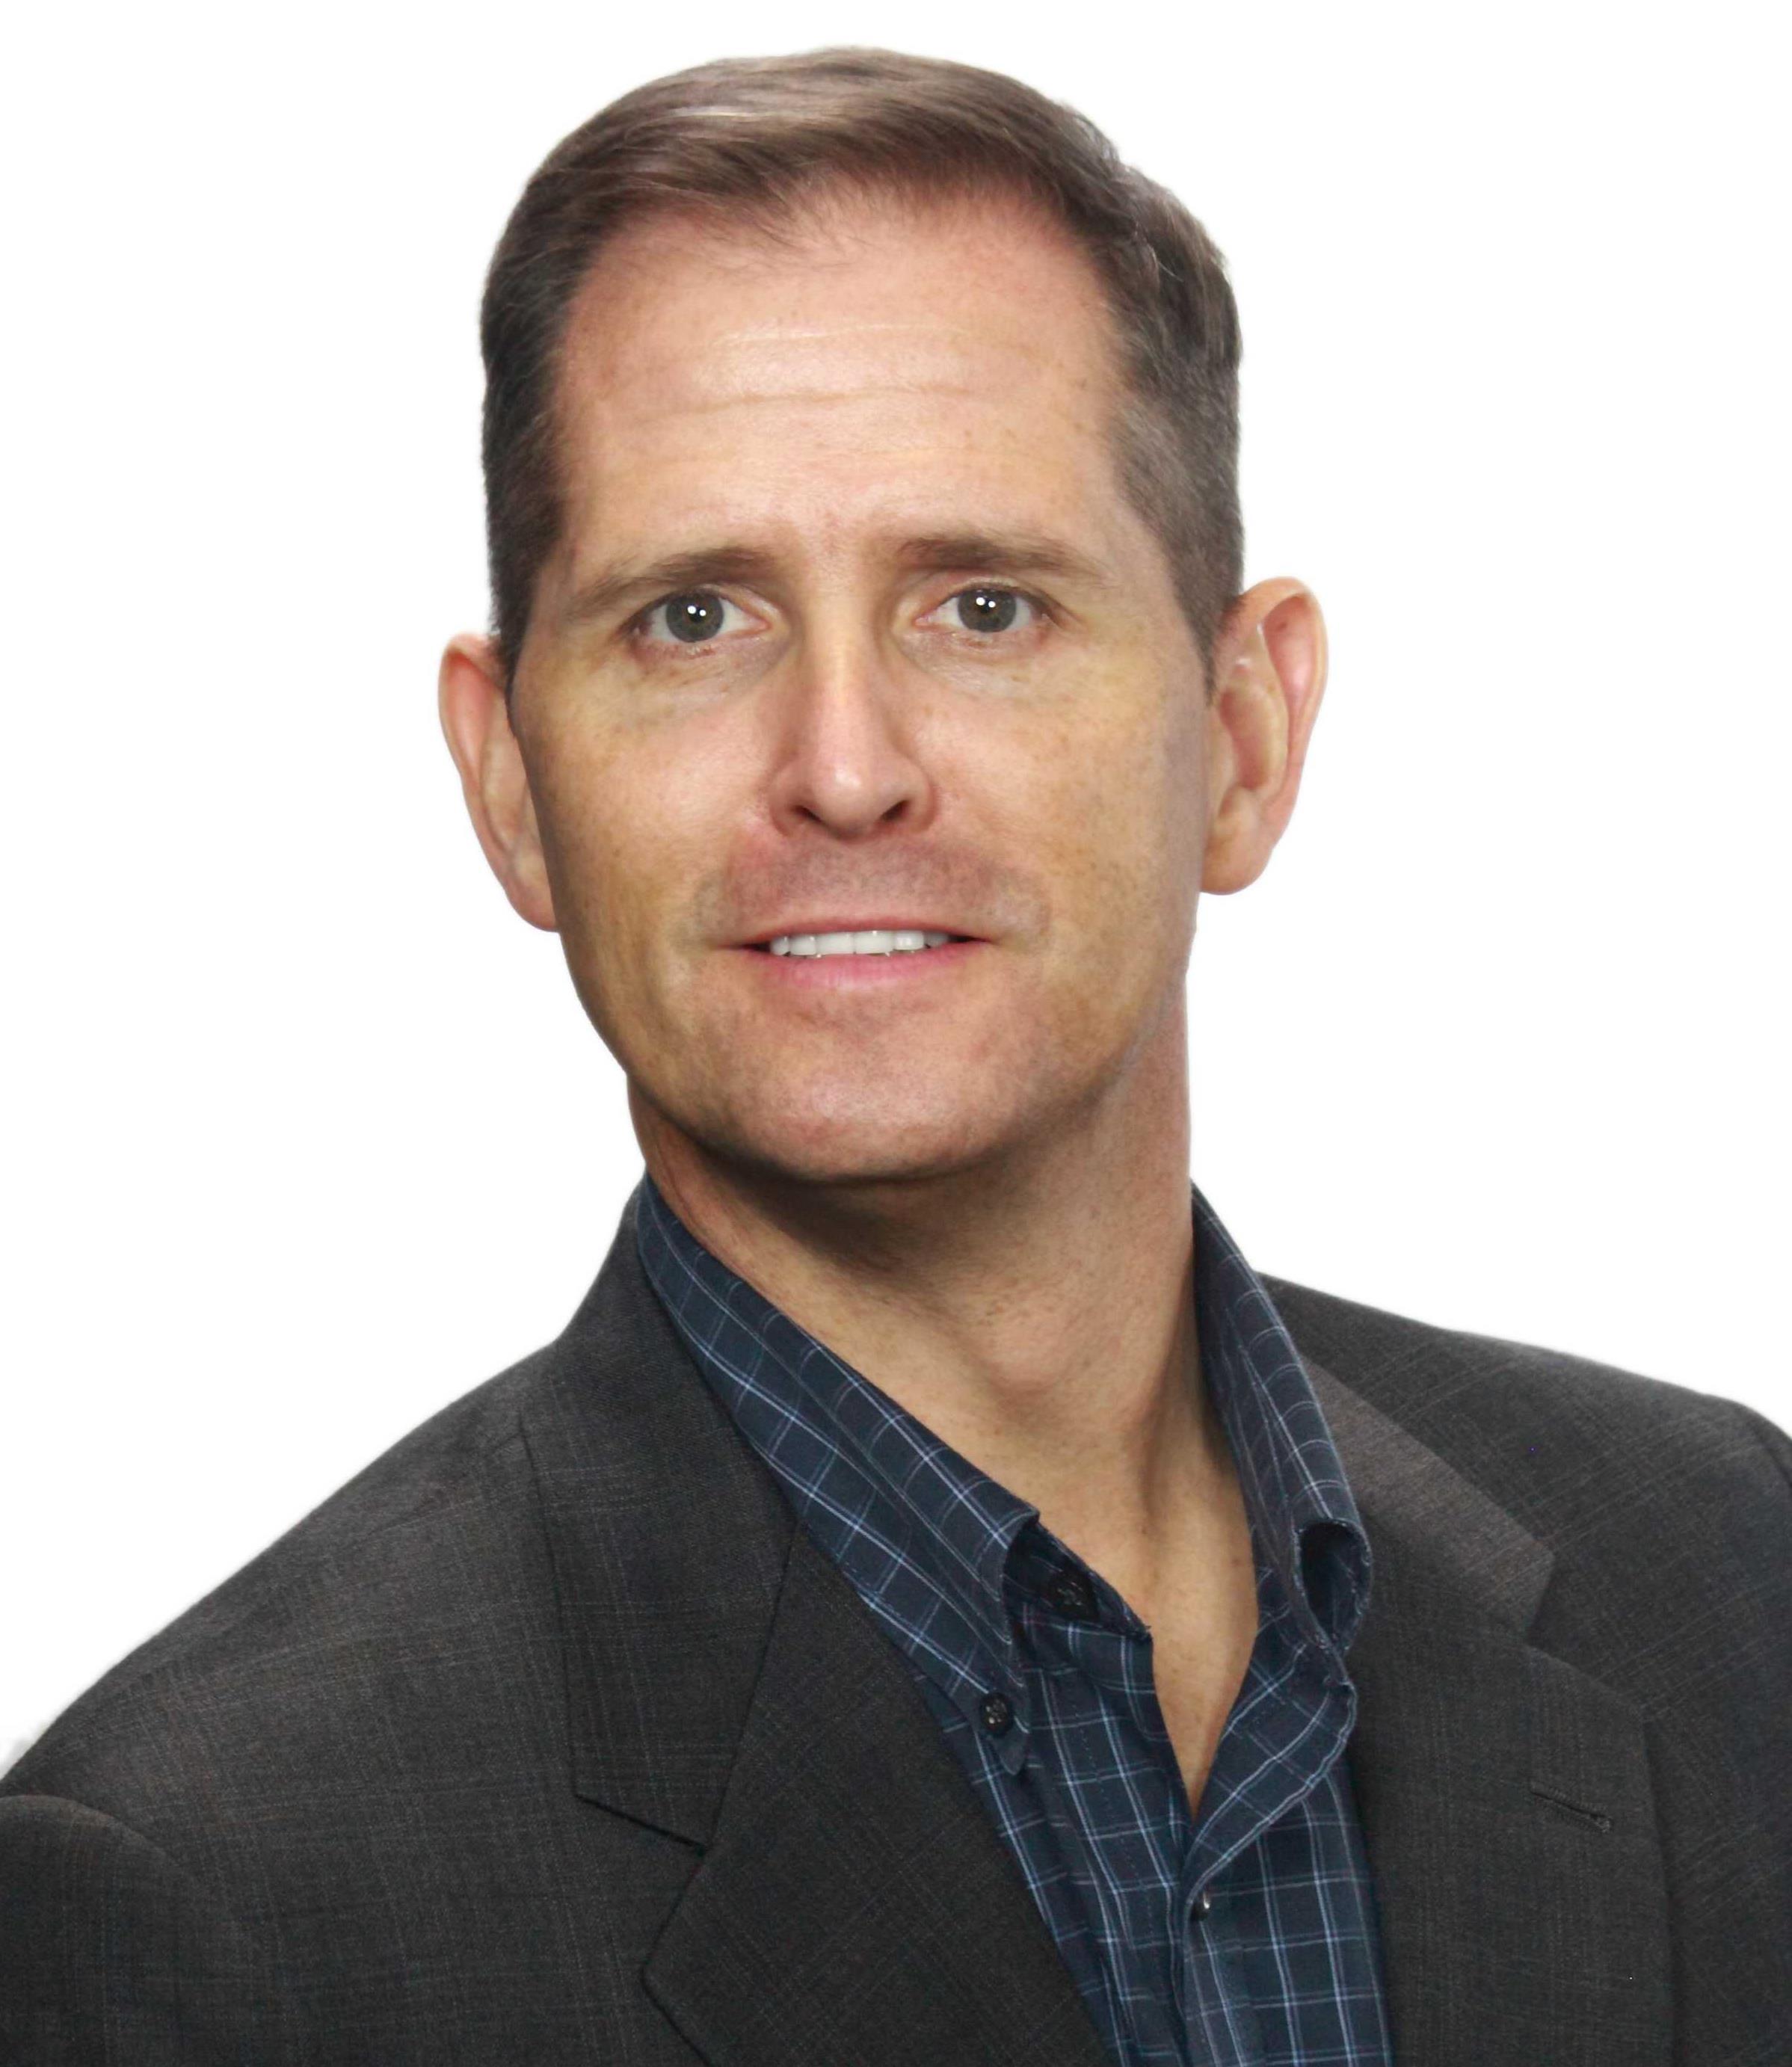 Andrew L Peck